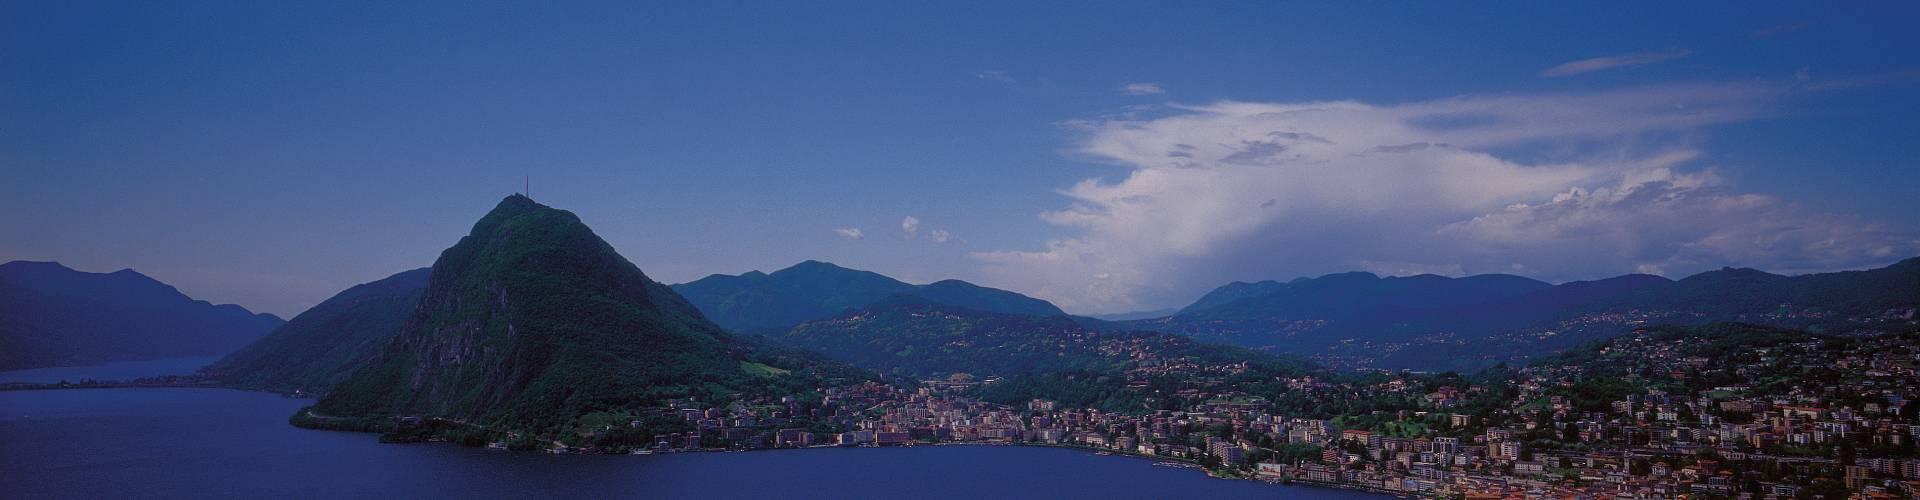 Properties - RE/MAX Immobiliare Lugano